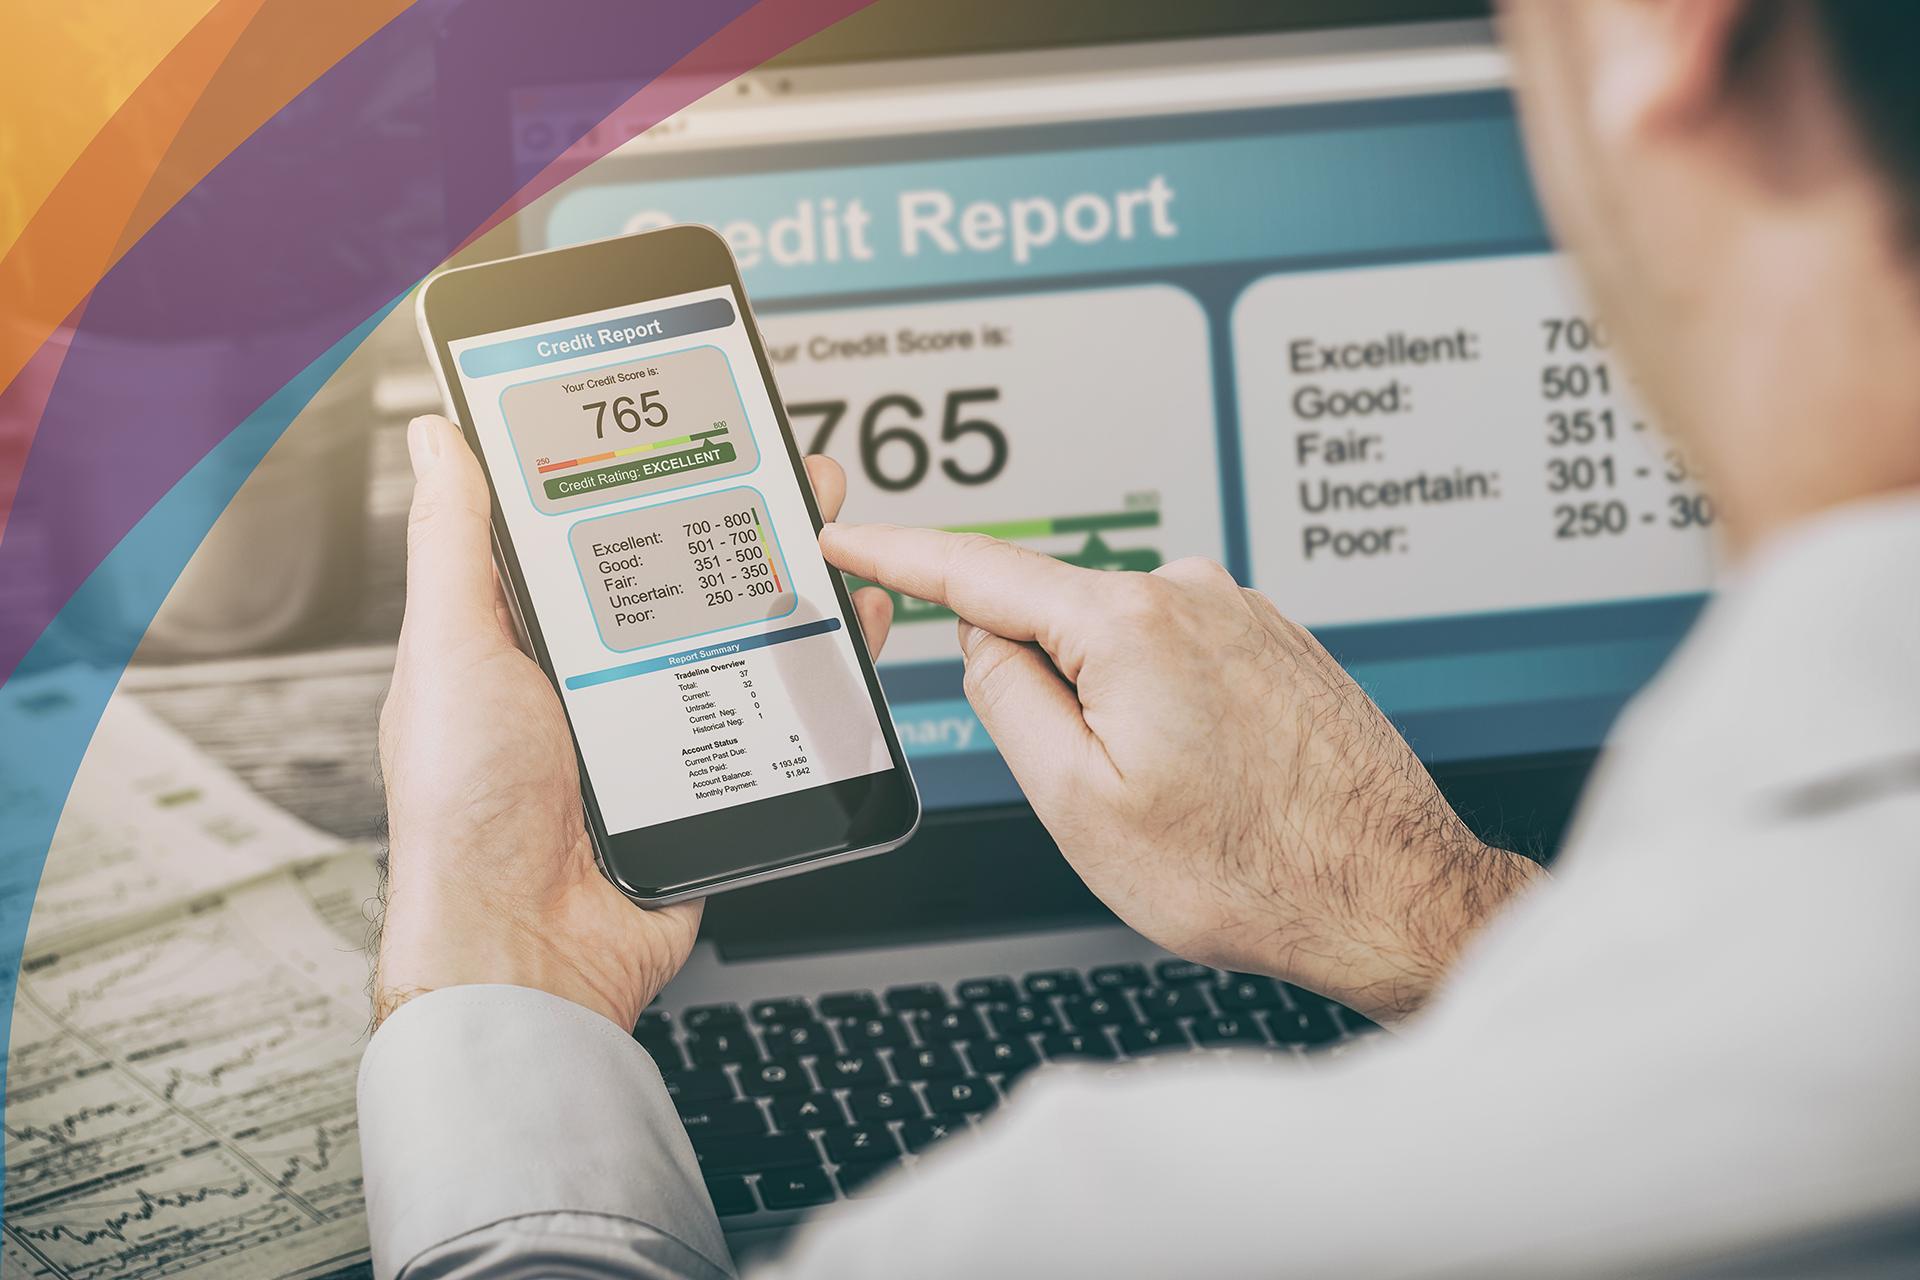 Augmenter votre cote de crédit: Quoi faire et ne pas faire